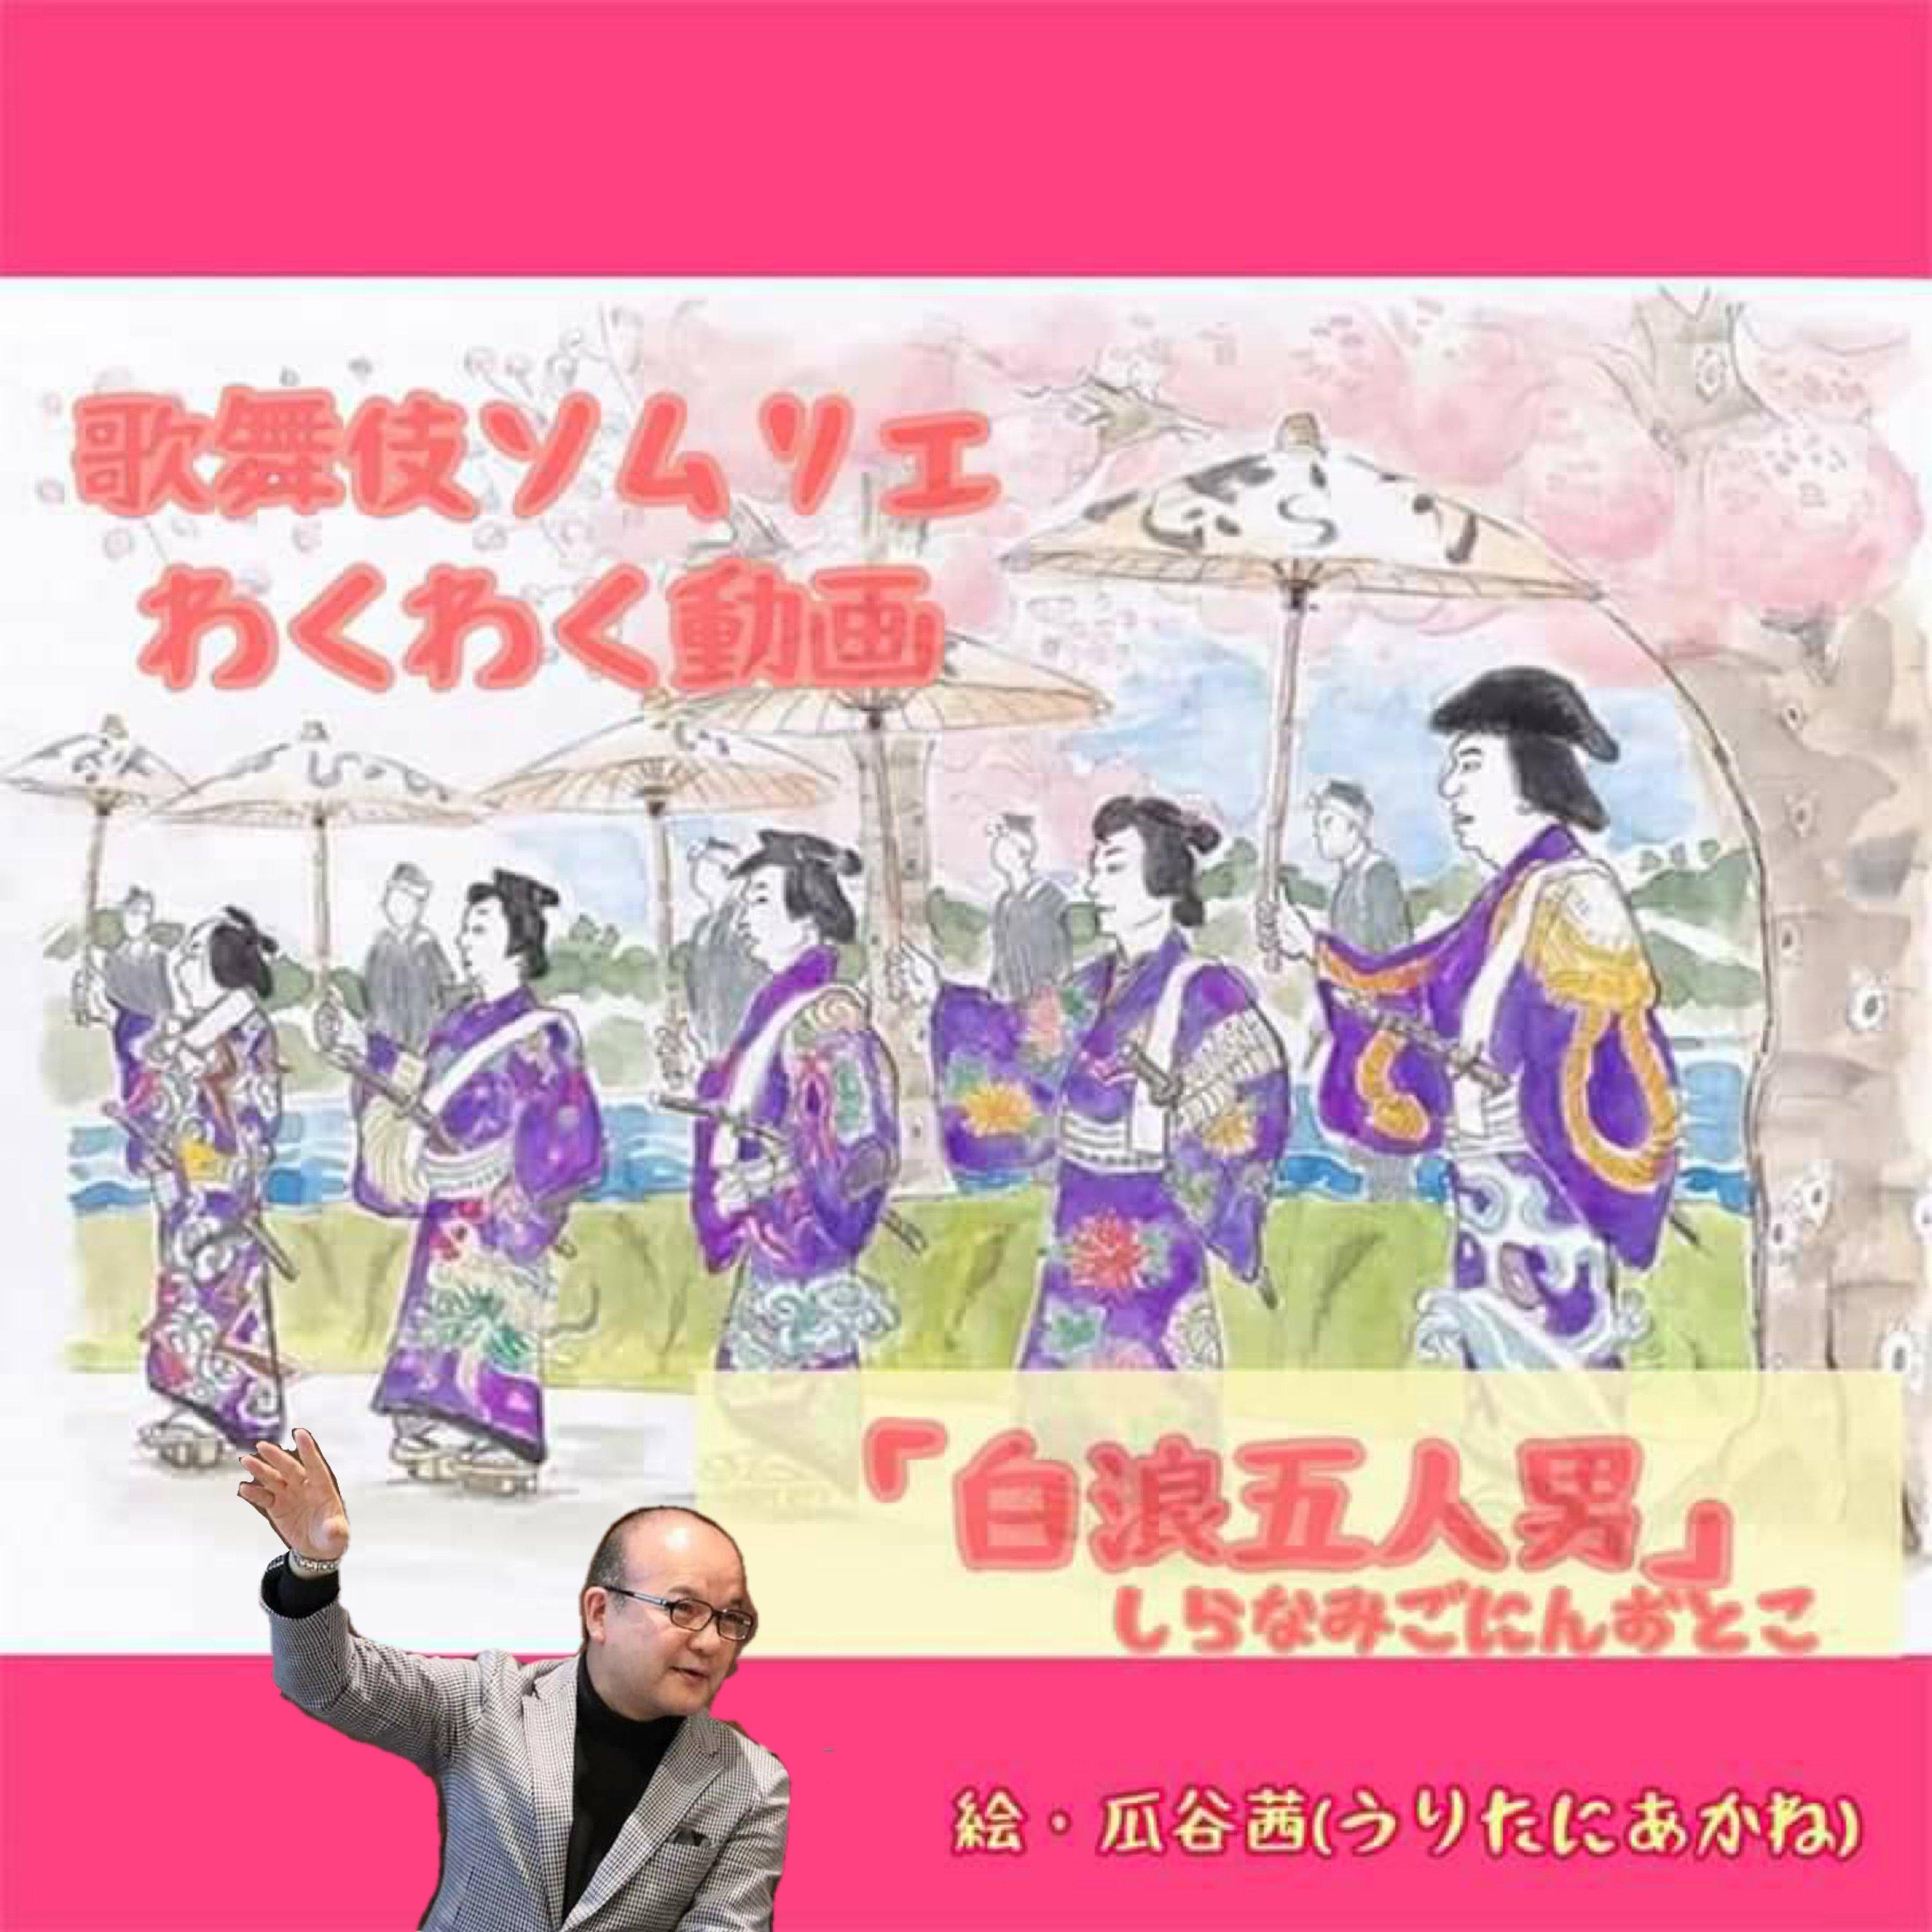 おくだ健太郎・歌舞伎ソムリエが、わかりやすく楽しく、歌舞伎の名作を解説トーク!歌舞伎ソムリエわくわく動画 「白浪五人男」〜しらなみごにんおとこ〜約43分の動画です。のイメージその1